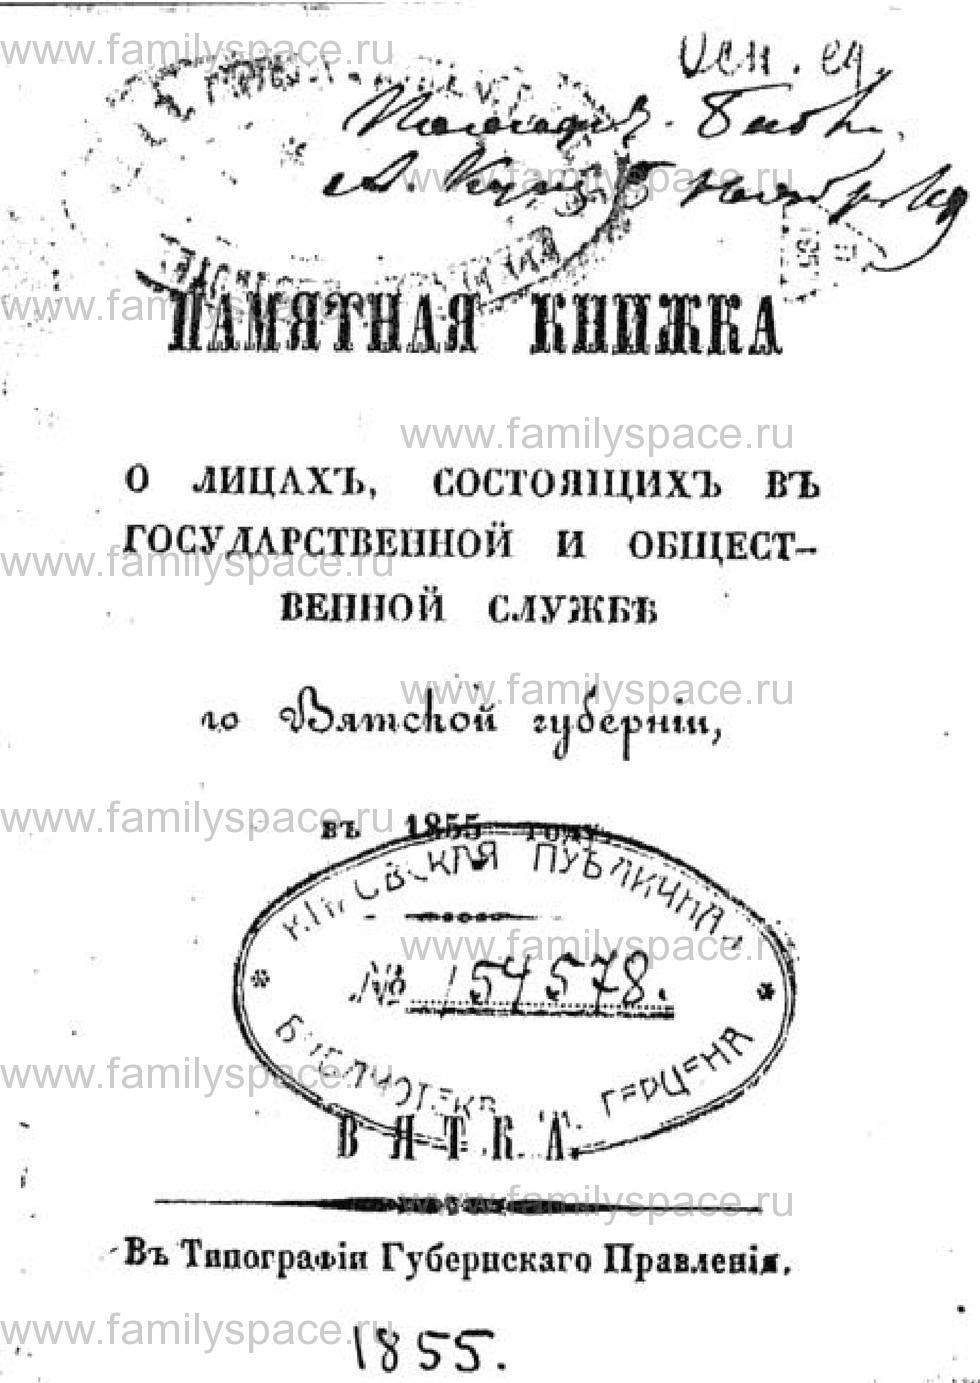 Поиск по фамилии - Памятная книжка Вятской губернии - 1855, страница 1